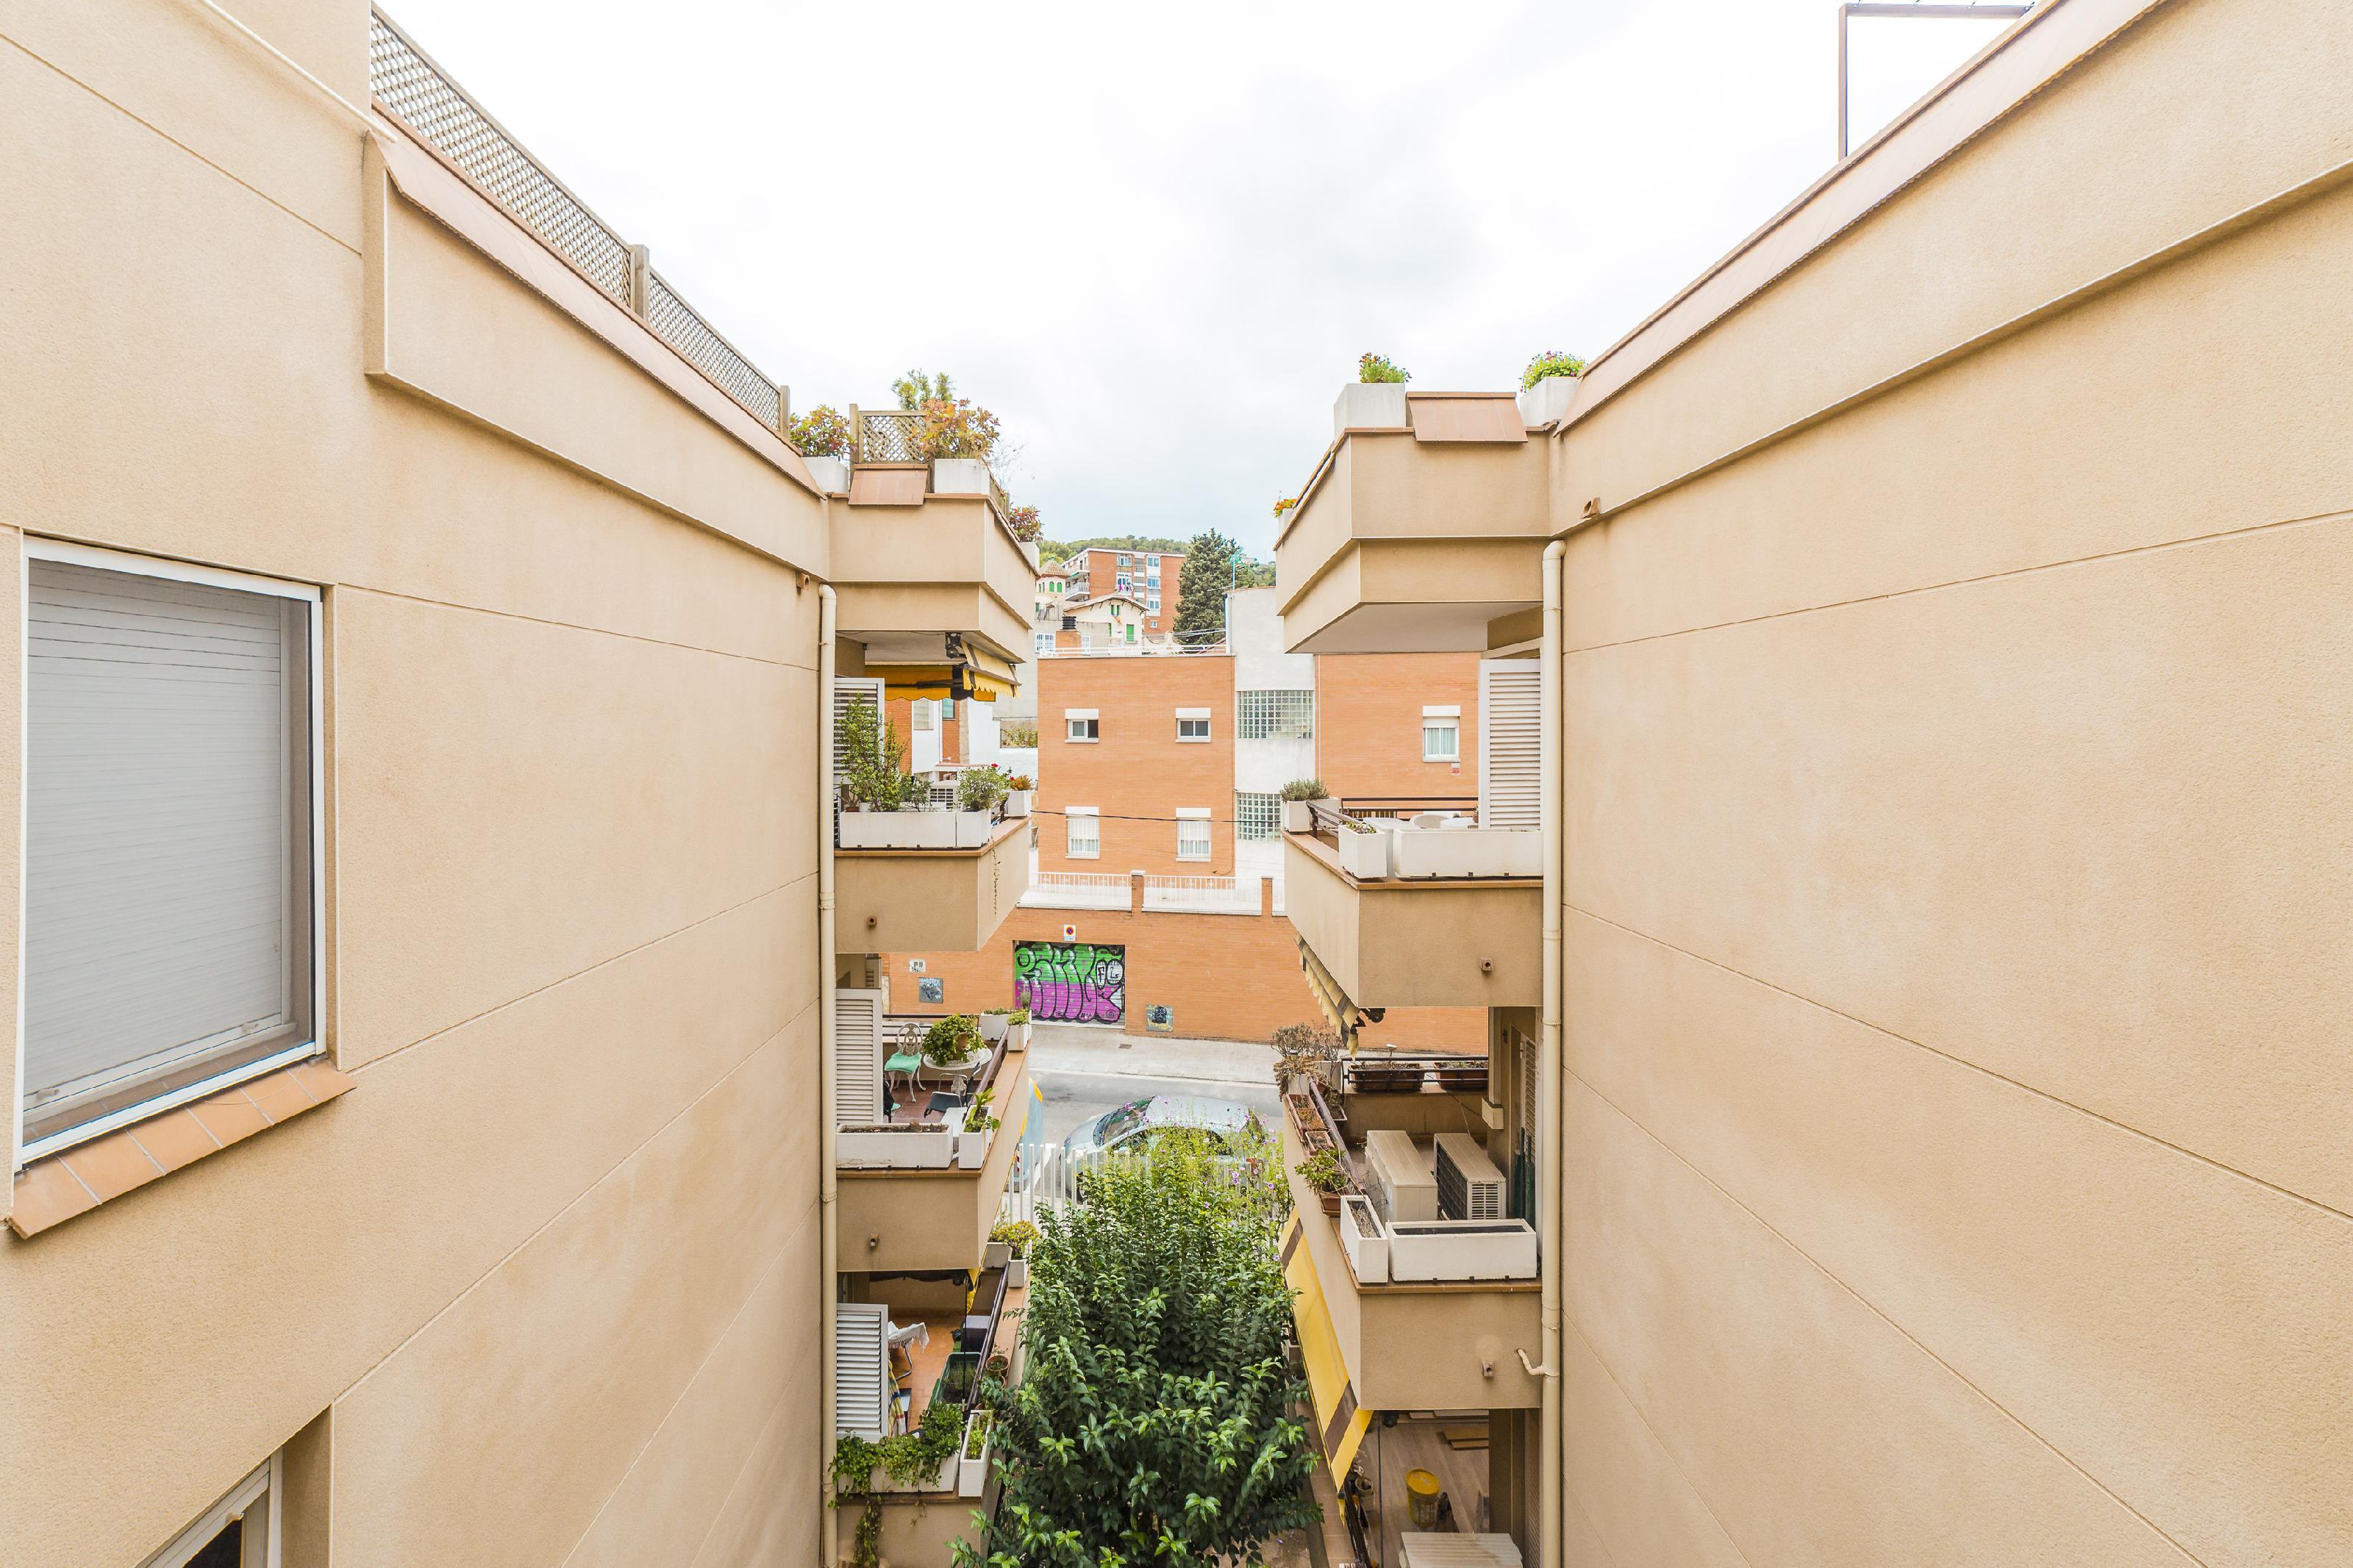 246685 Flat for sale in Horta-Guinardó, Font d´en Fargues 20